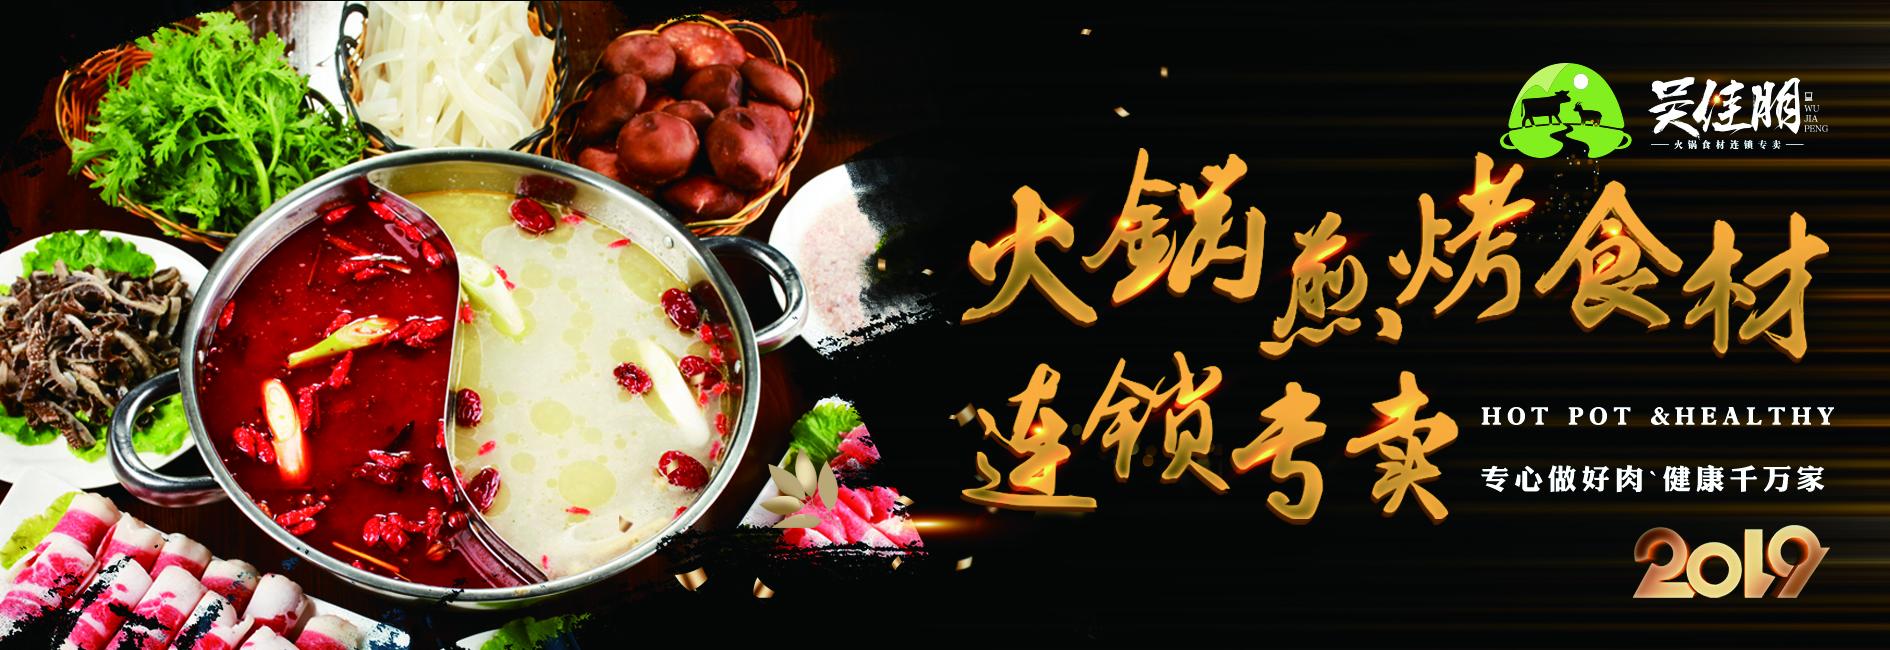 火锅食材超市加盟需注意哪些要素呢?